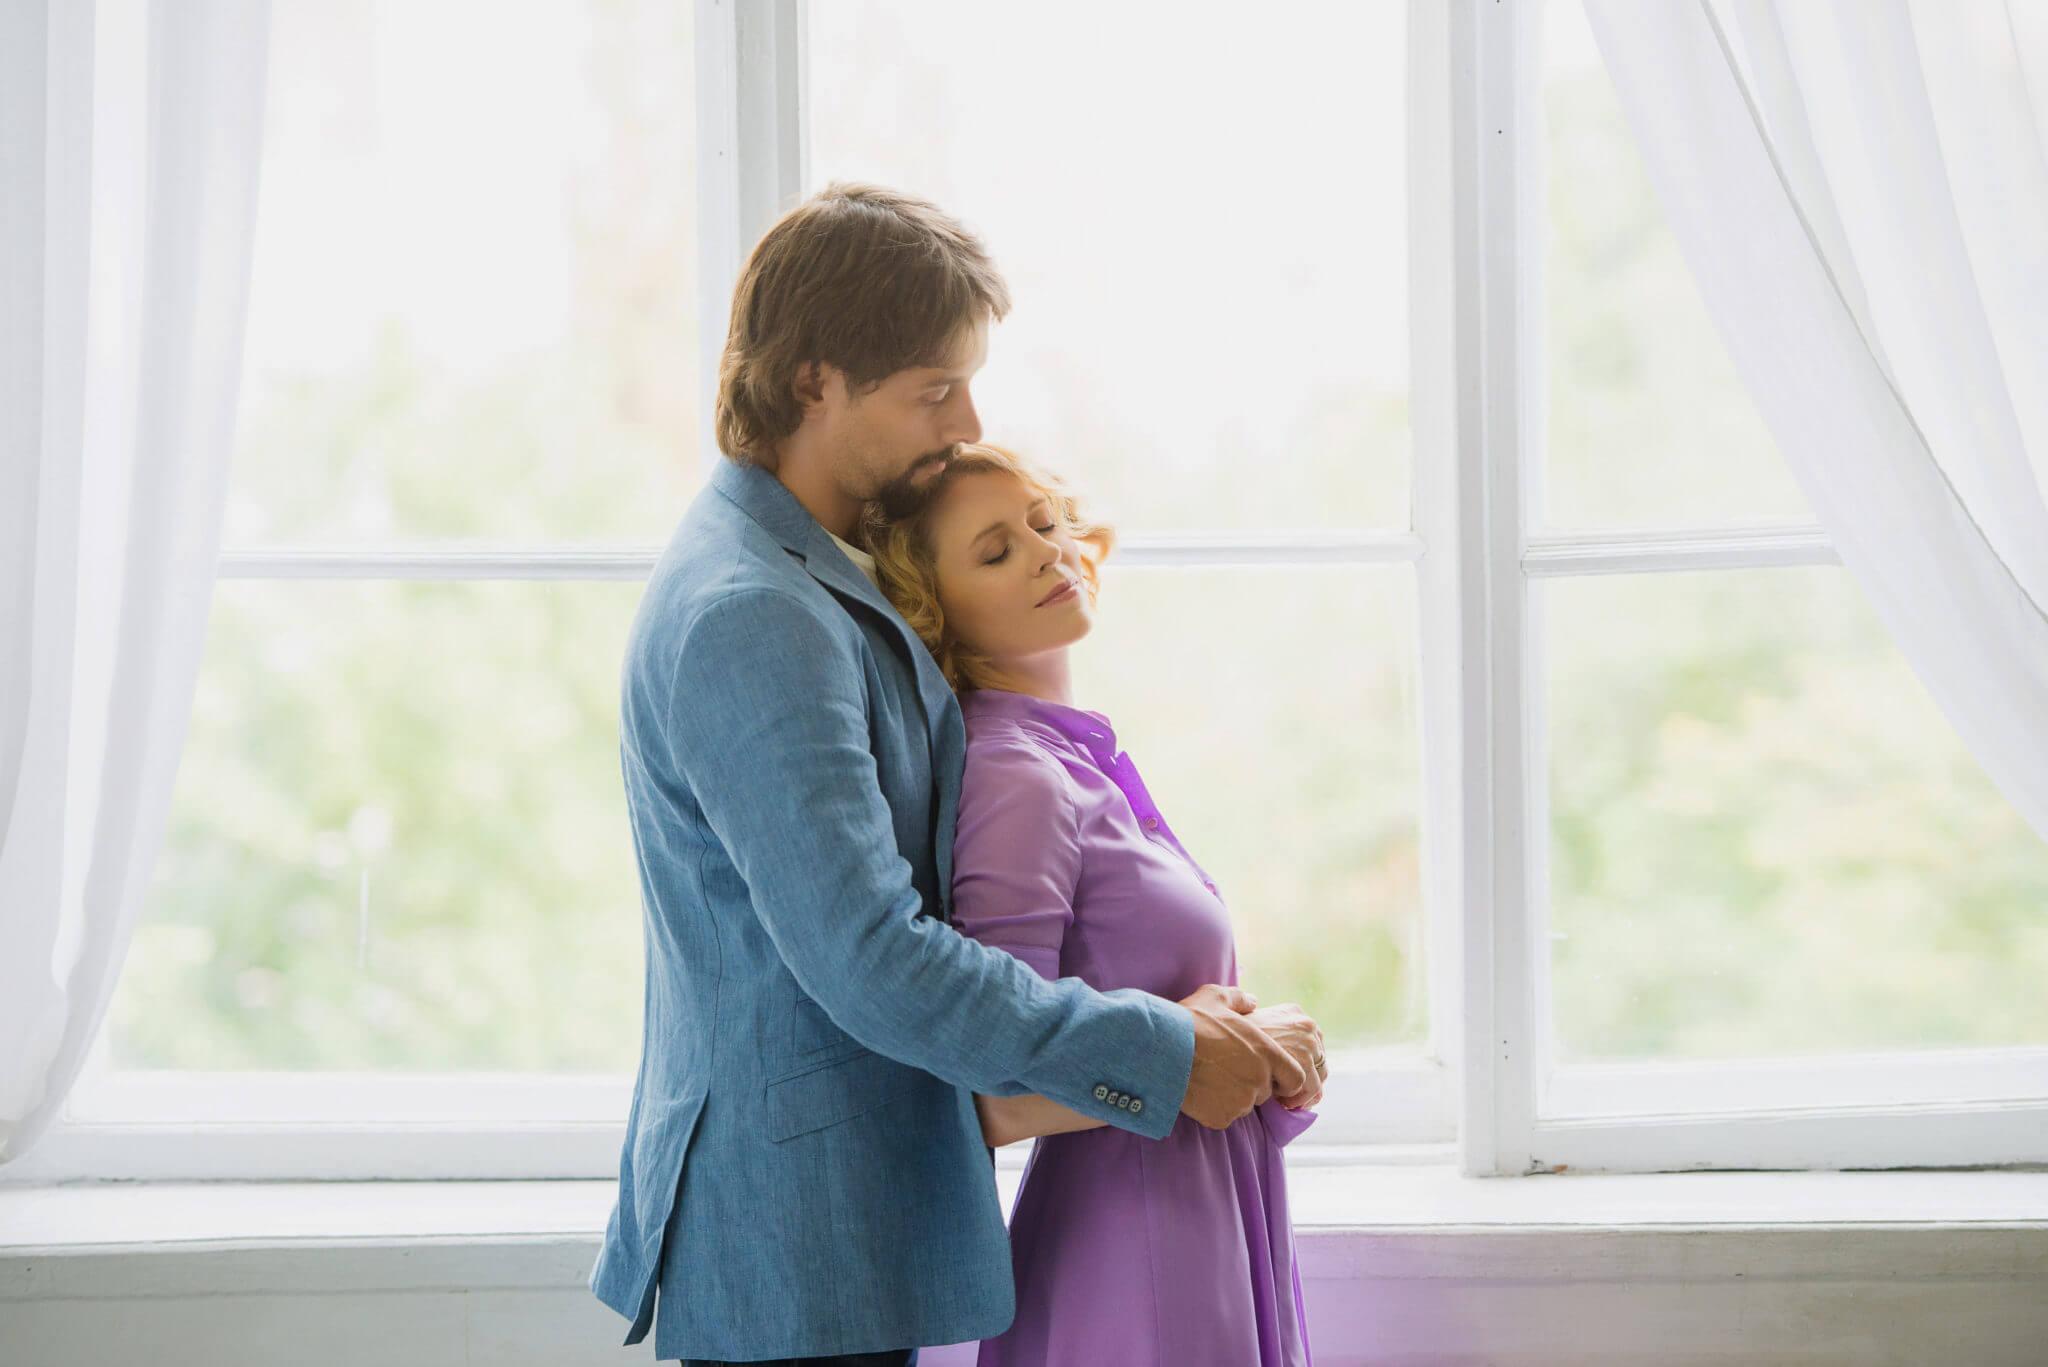 Фотосессия Love Story в студии, пара на фоне окна